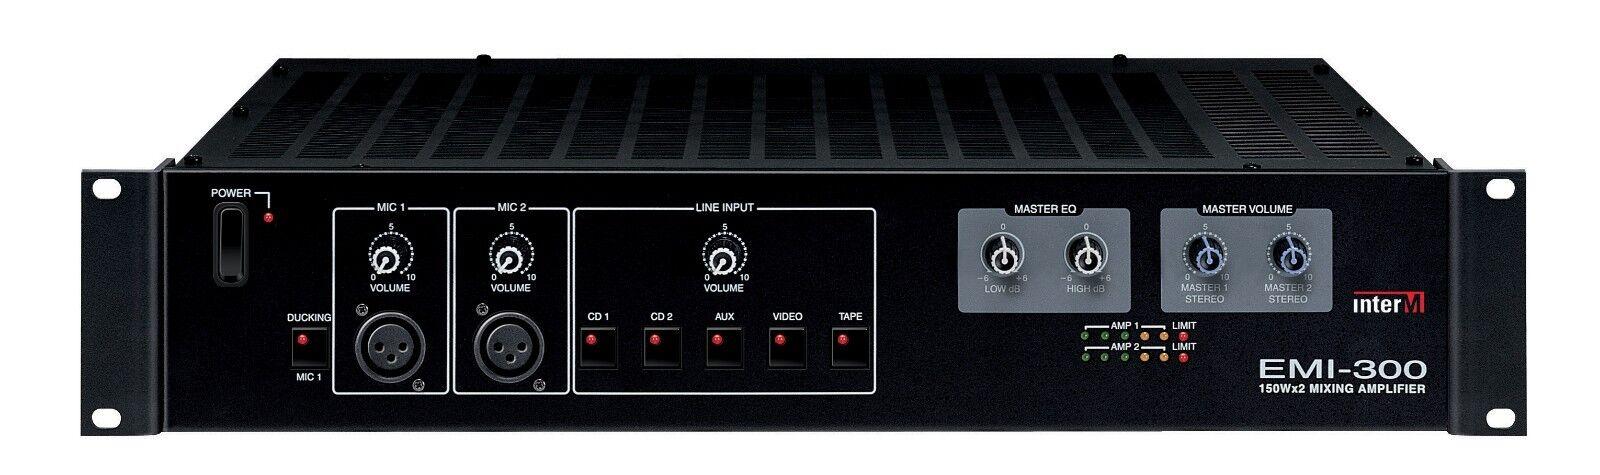 Neu INTER-M Emi300 Betrieben Stereo 100w Mixer   Amp